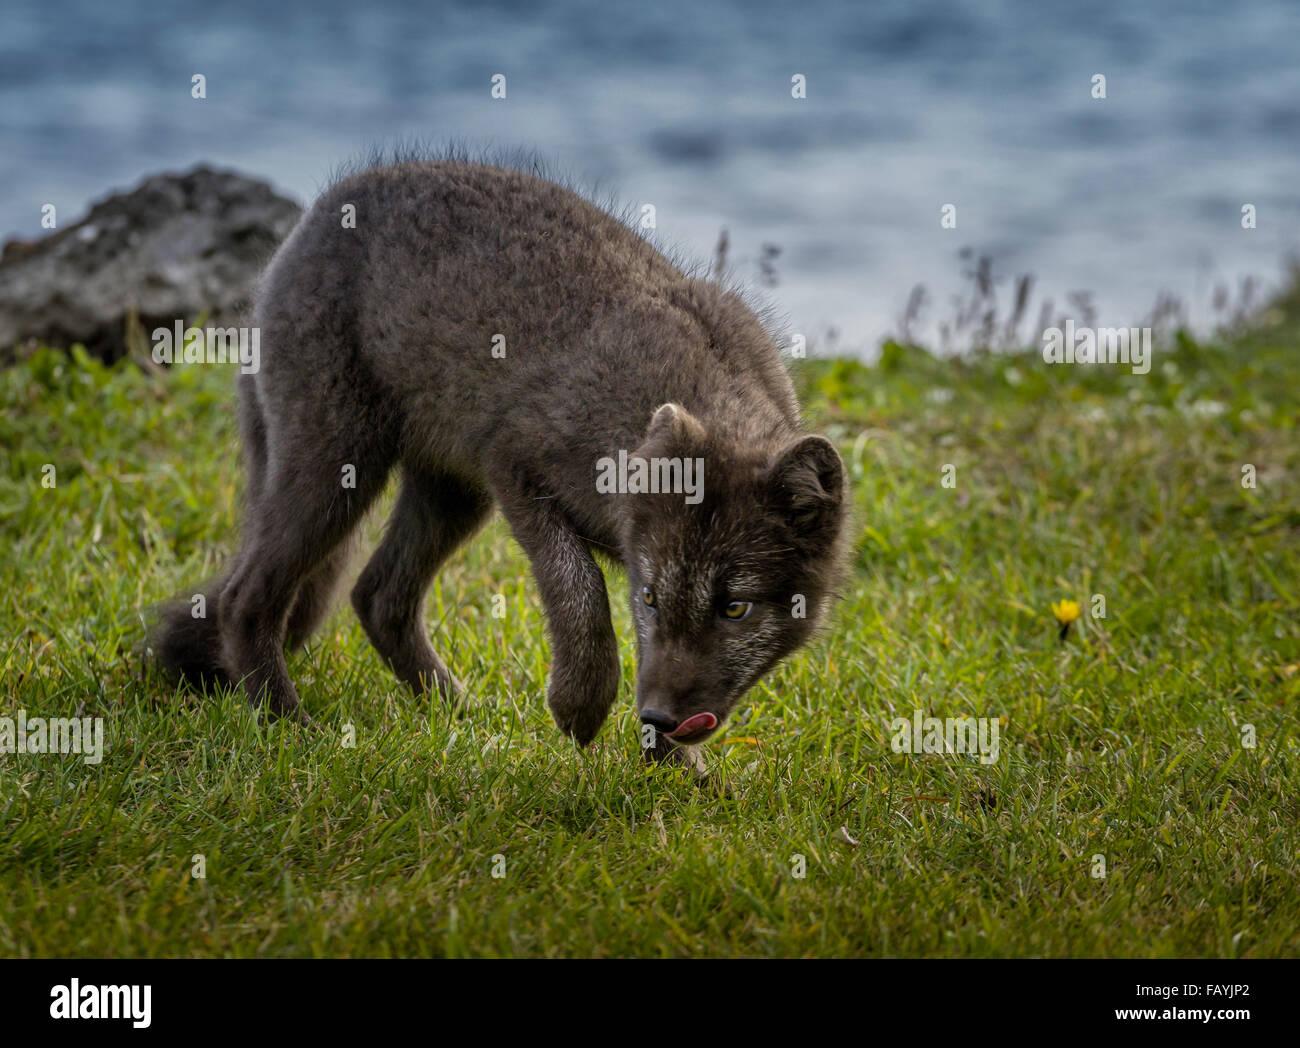 Portrait de renard arctique, Alopex lagopus, Islande Photo Stock